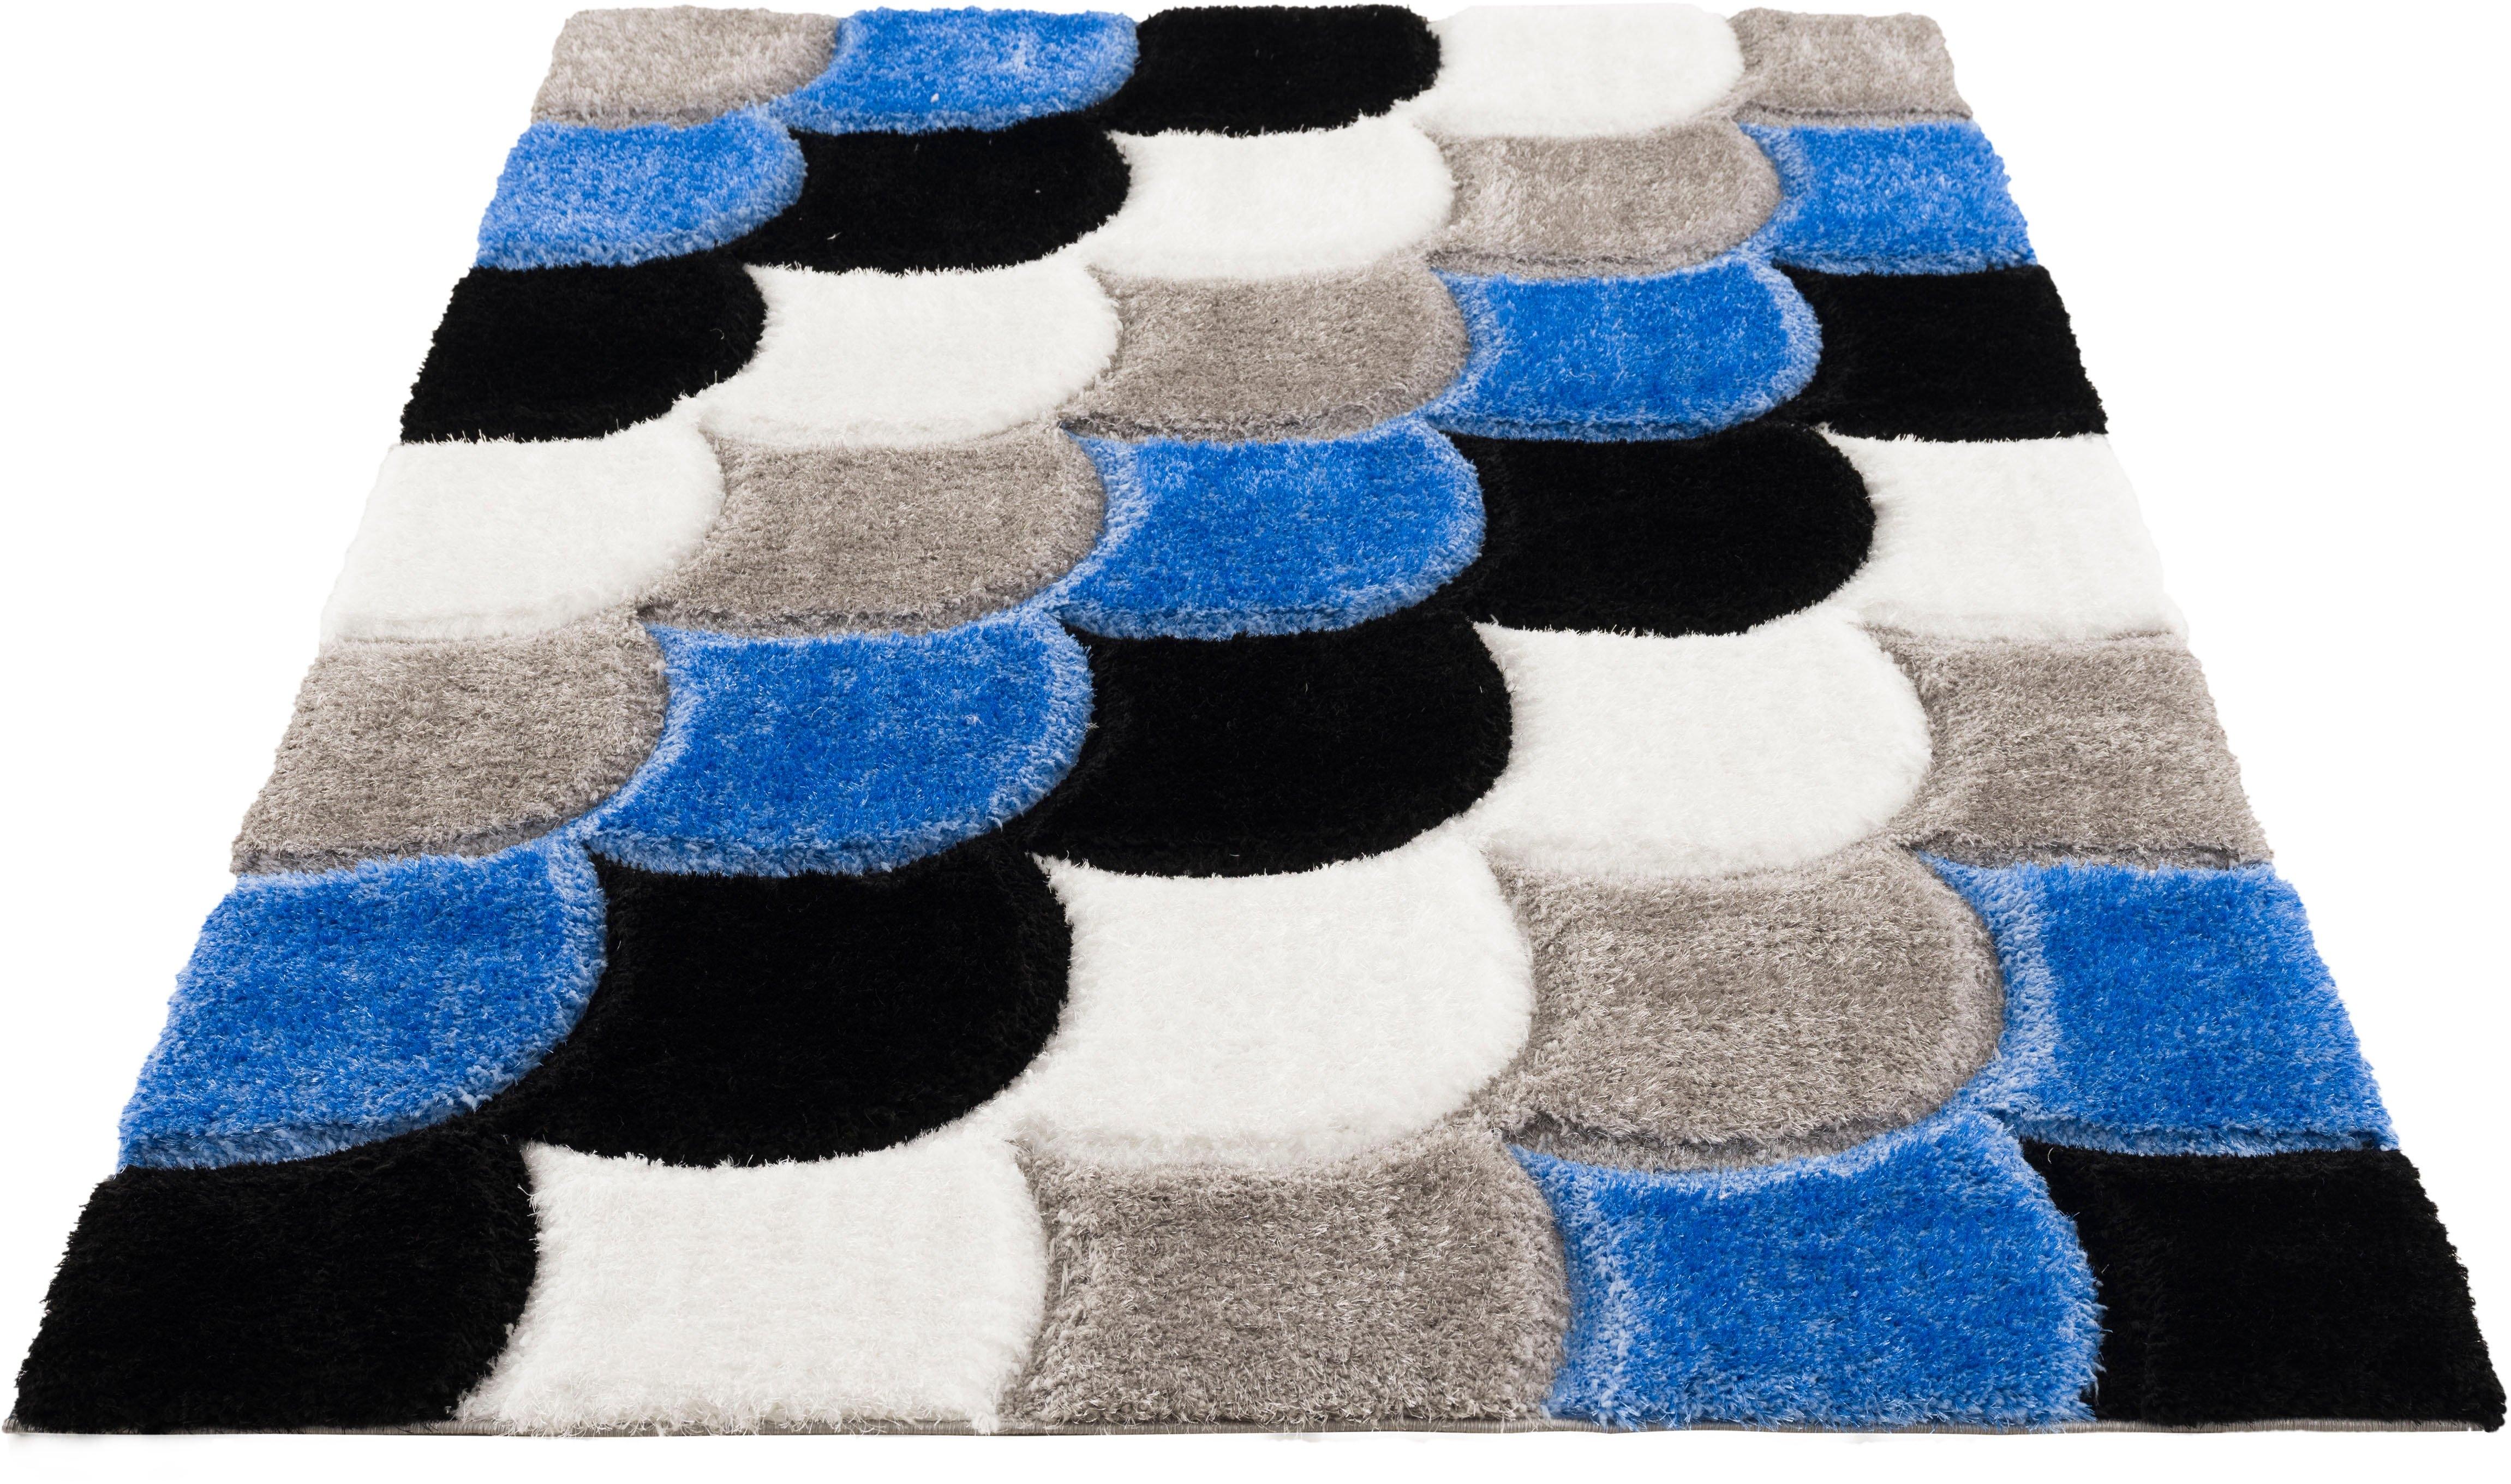 Lüttenhütt vloerkleed voor de kinderkamer »Fiodor« voordelig en veilig online kopen